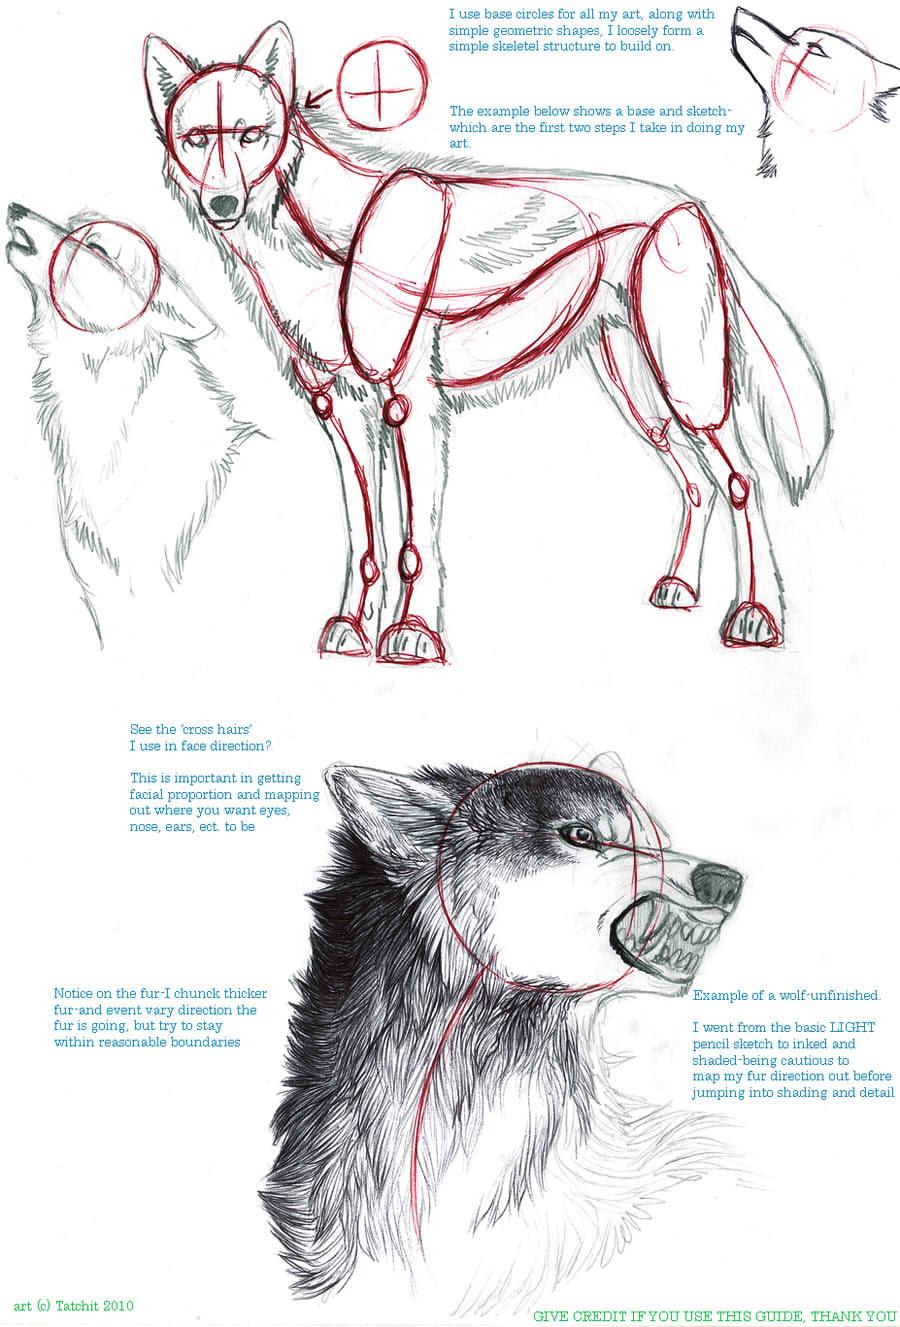 動物 鳥 犬 猫 狼 馬 鼠 描き方まとめ萌えイラスト上達法 お絵かき